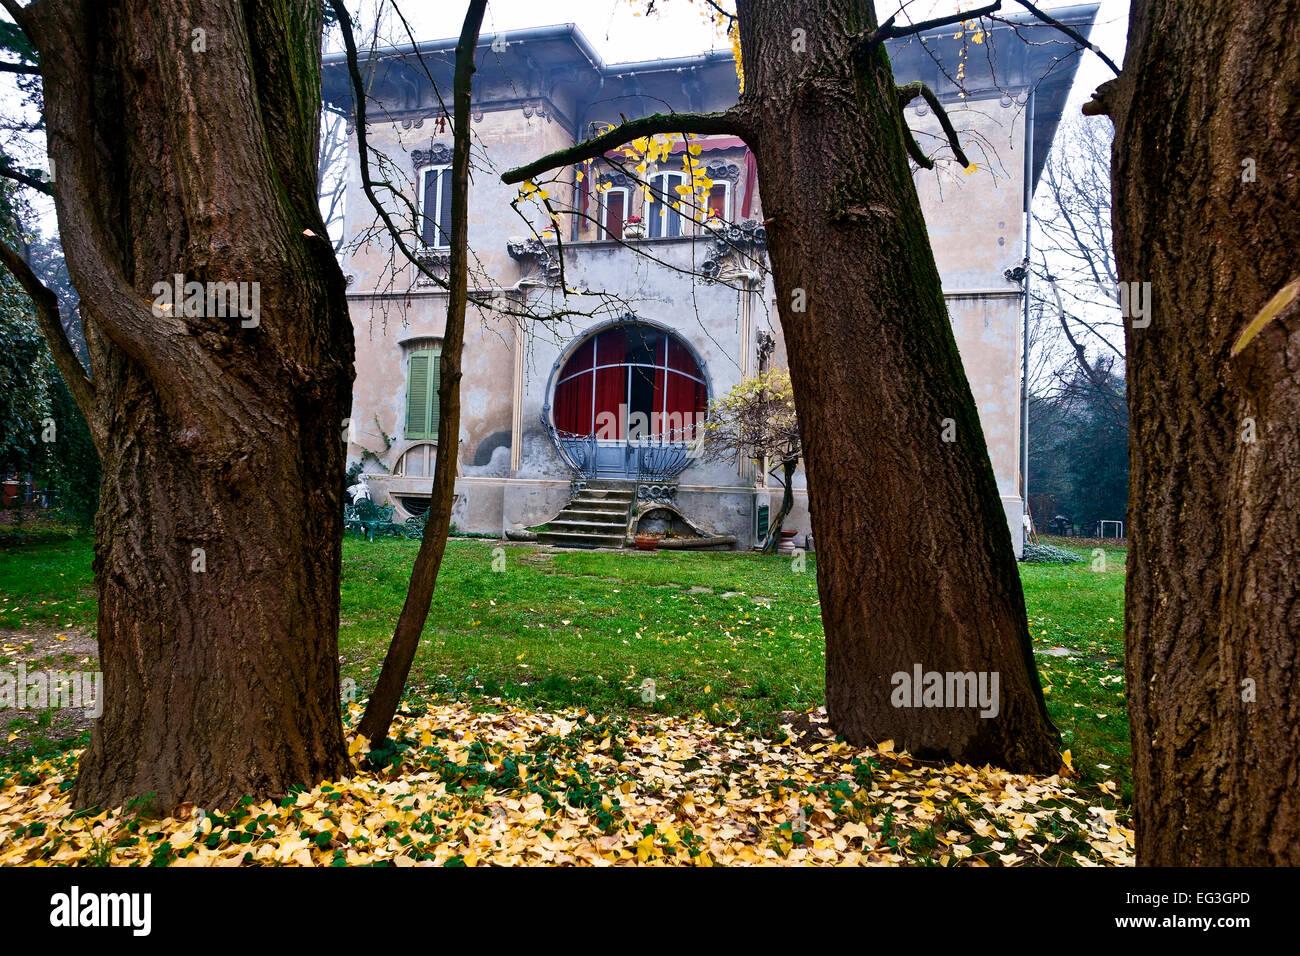 Italian villa in stile Liberty, belle époque, collezione autunno, cadono atmpsphere. Foglie di giallo sul terreno. Immagini Stock